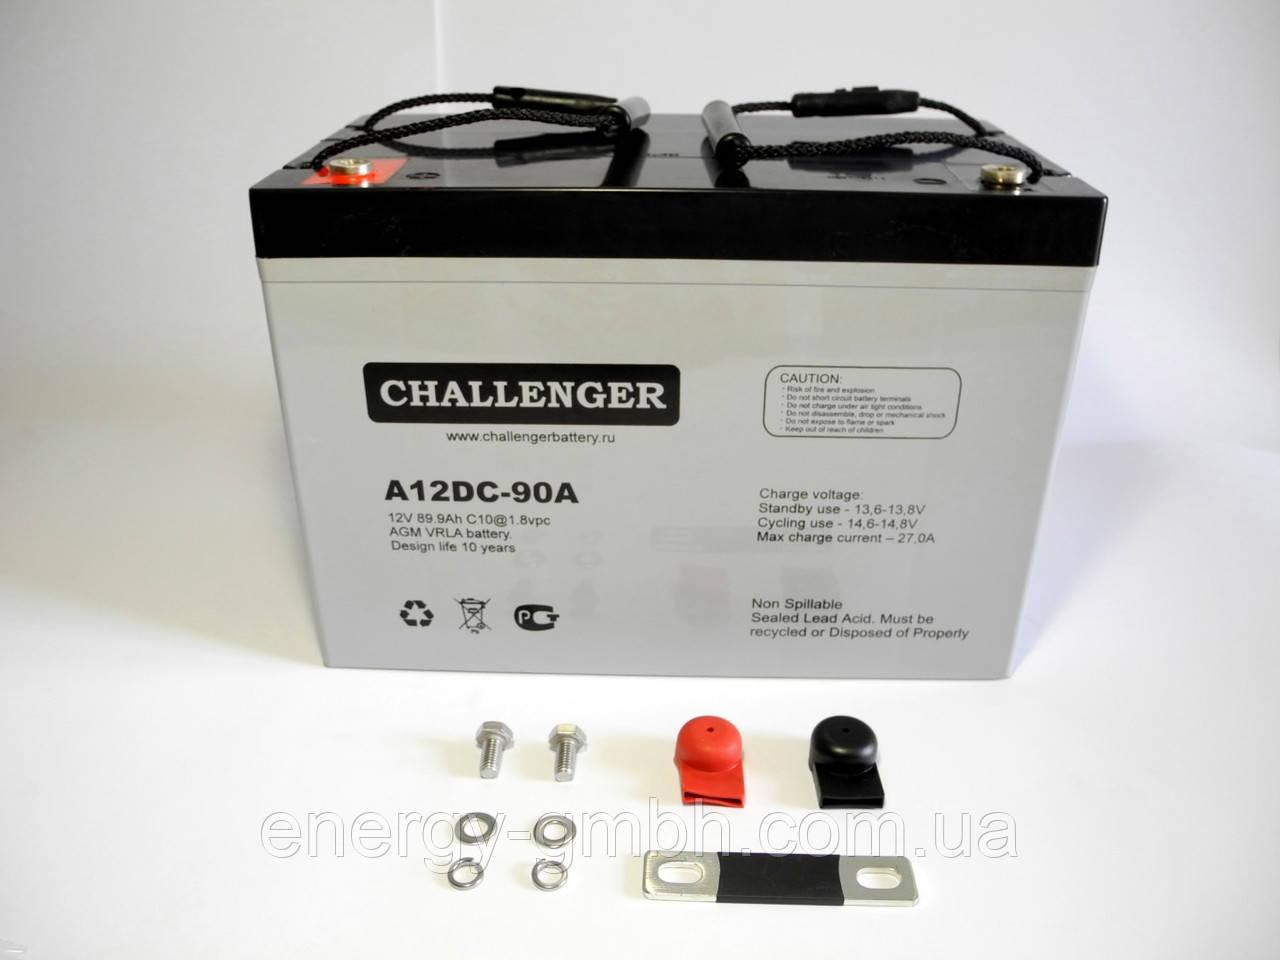 Аккумулятор для поломоечной машины Challenger A12-90DC